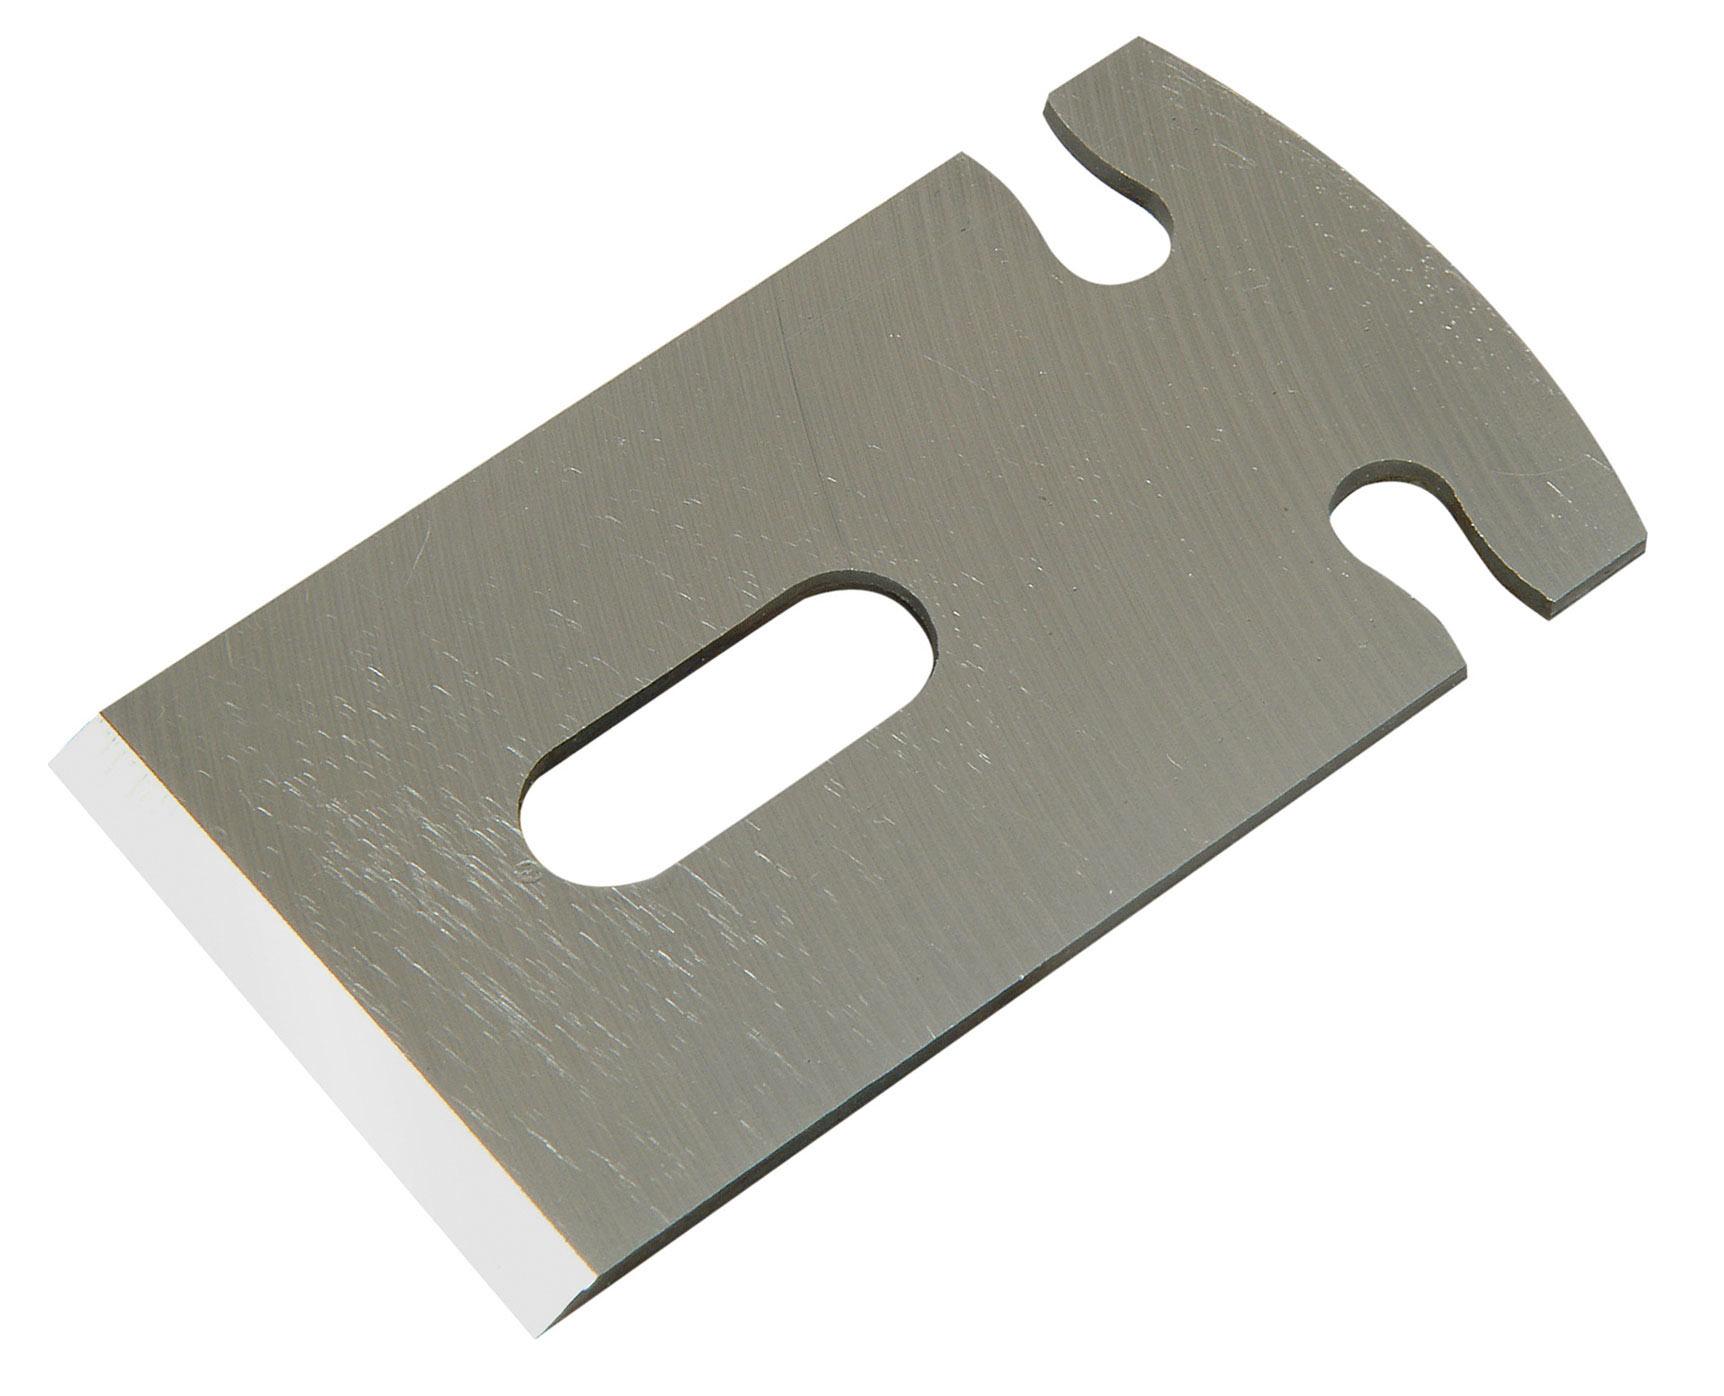 для рубанкаСтолярные инструменты<br>Нож<br>